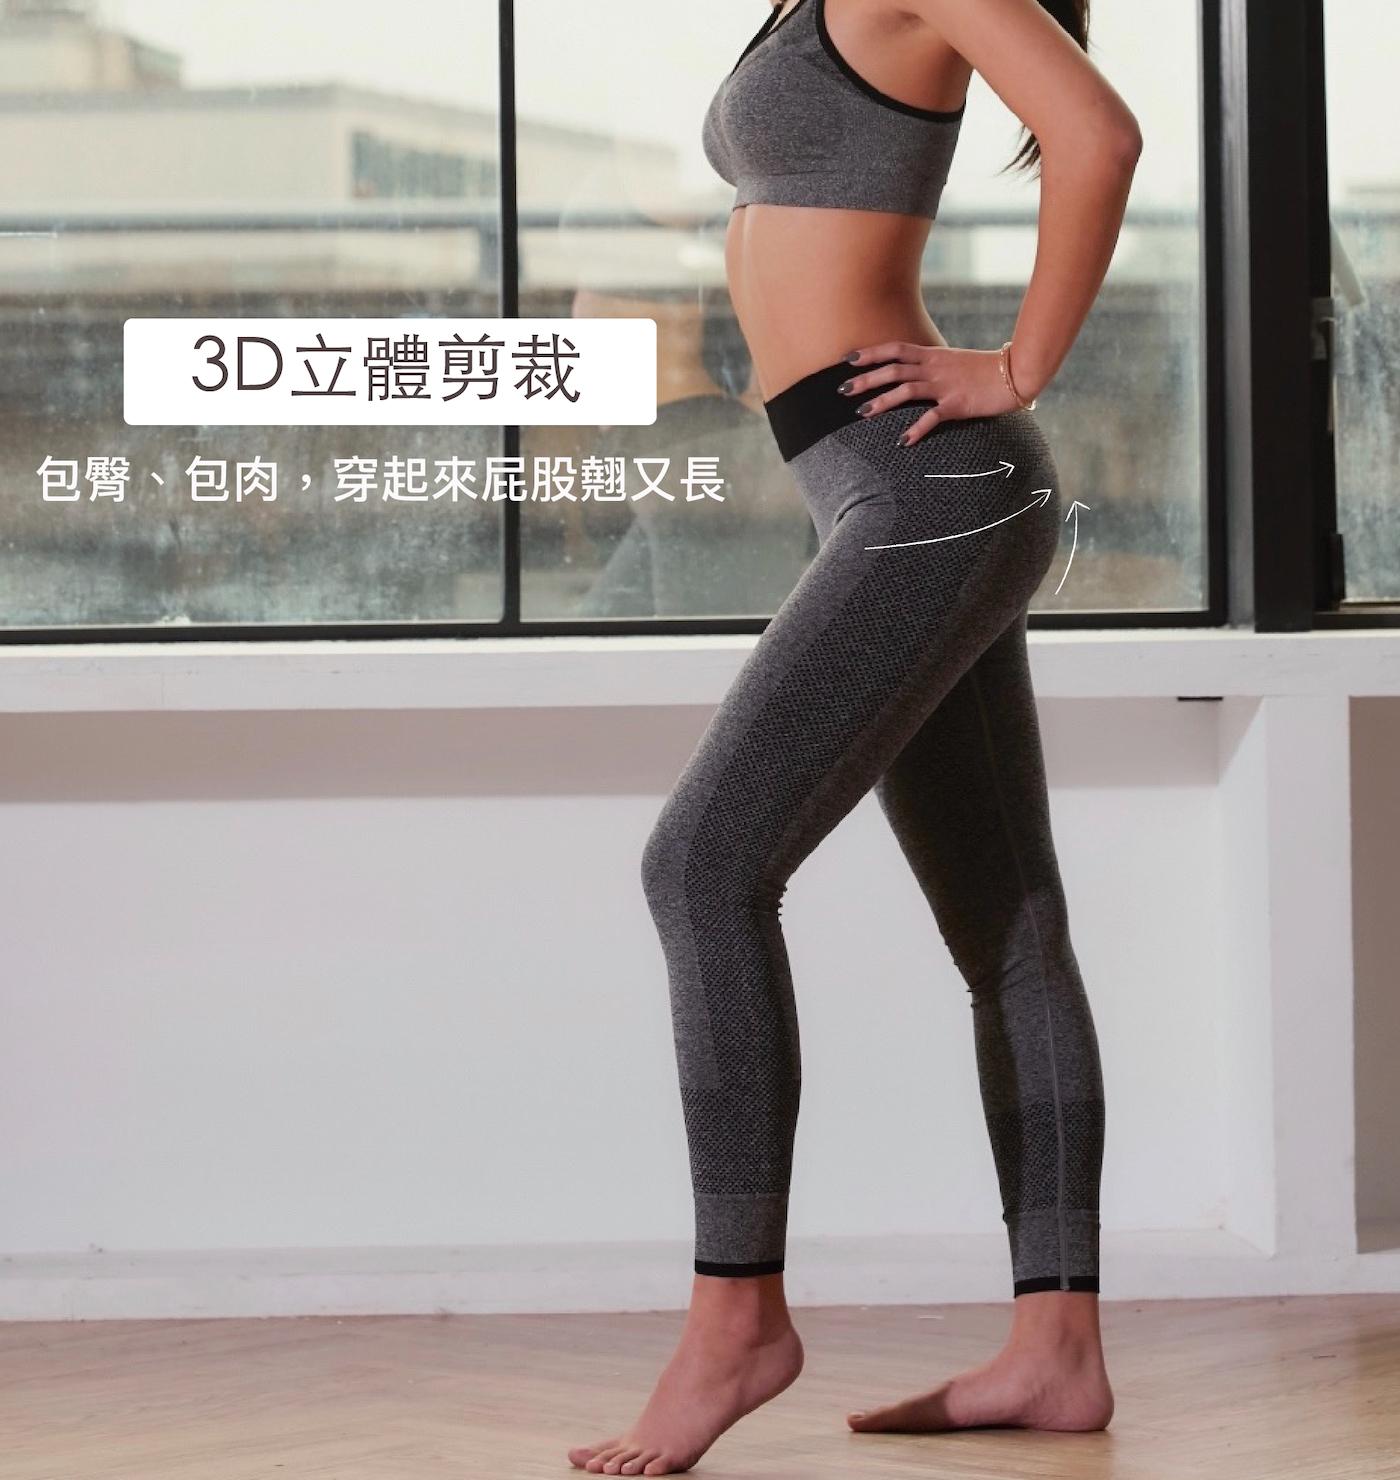 台灣機能布料使用,彈性佳、耐洗滌